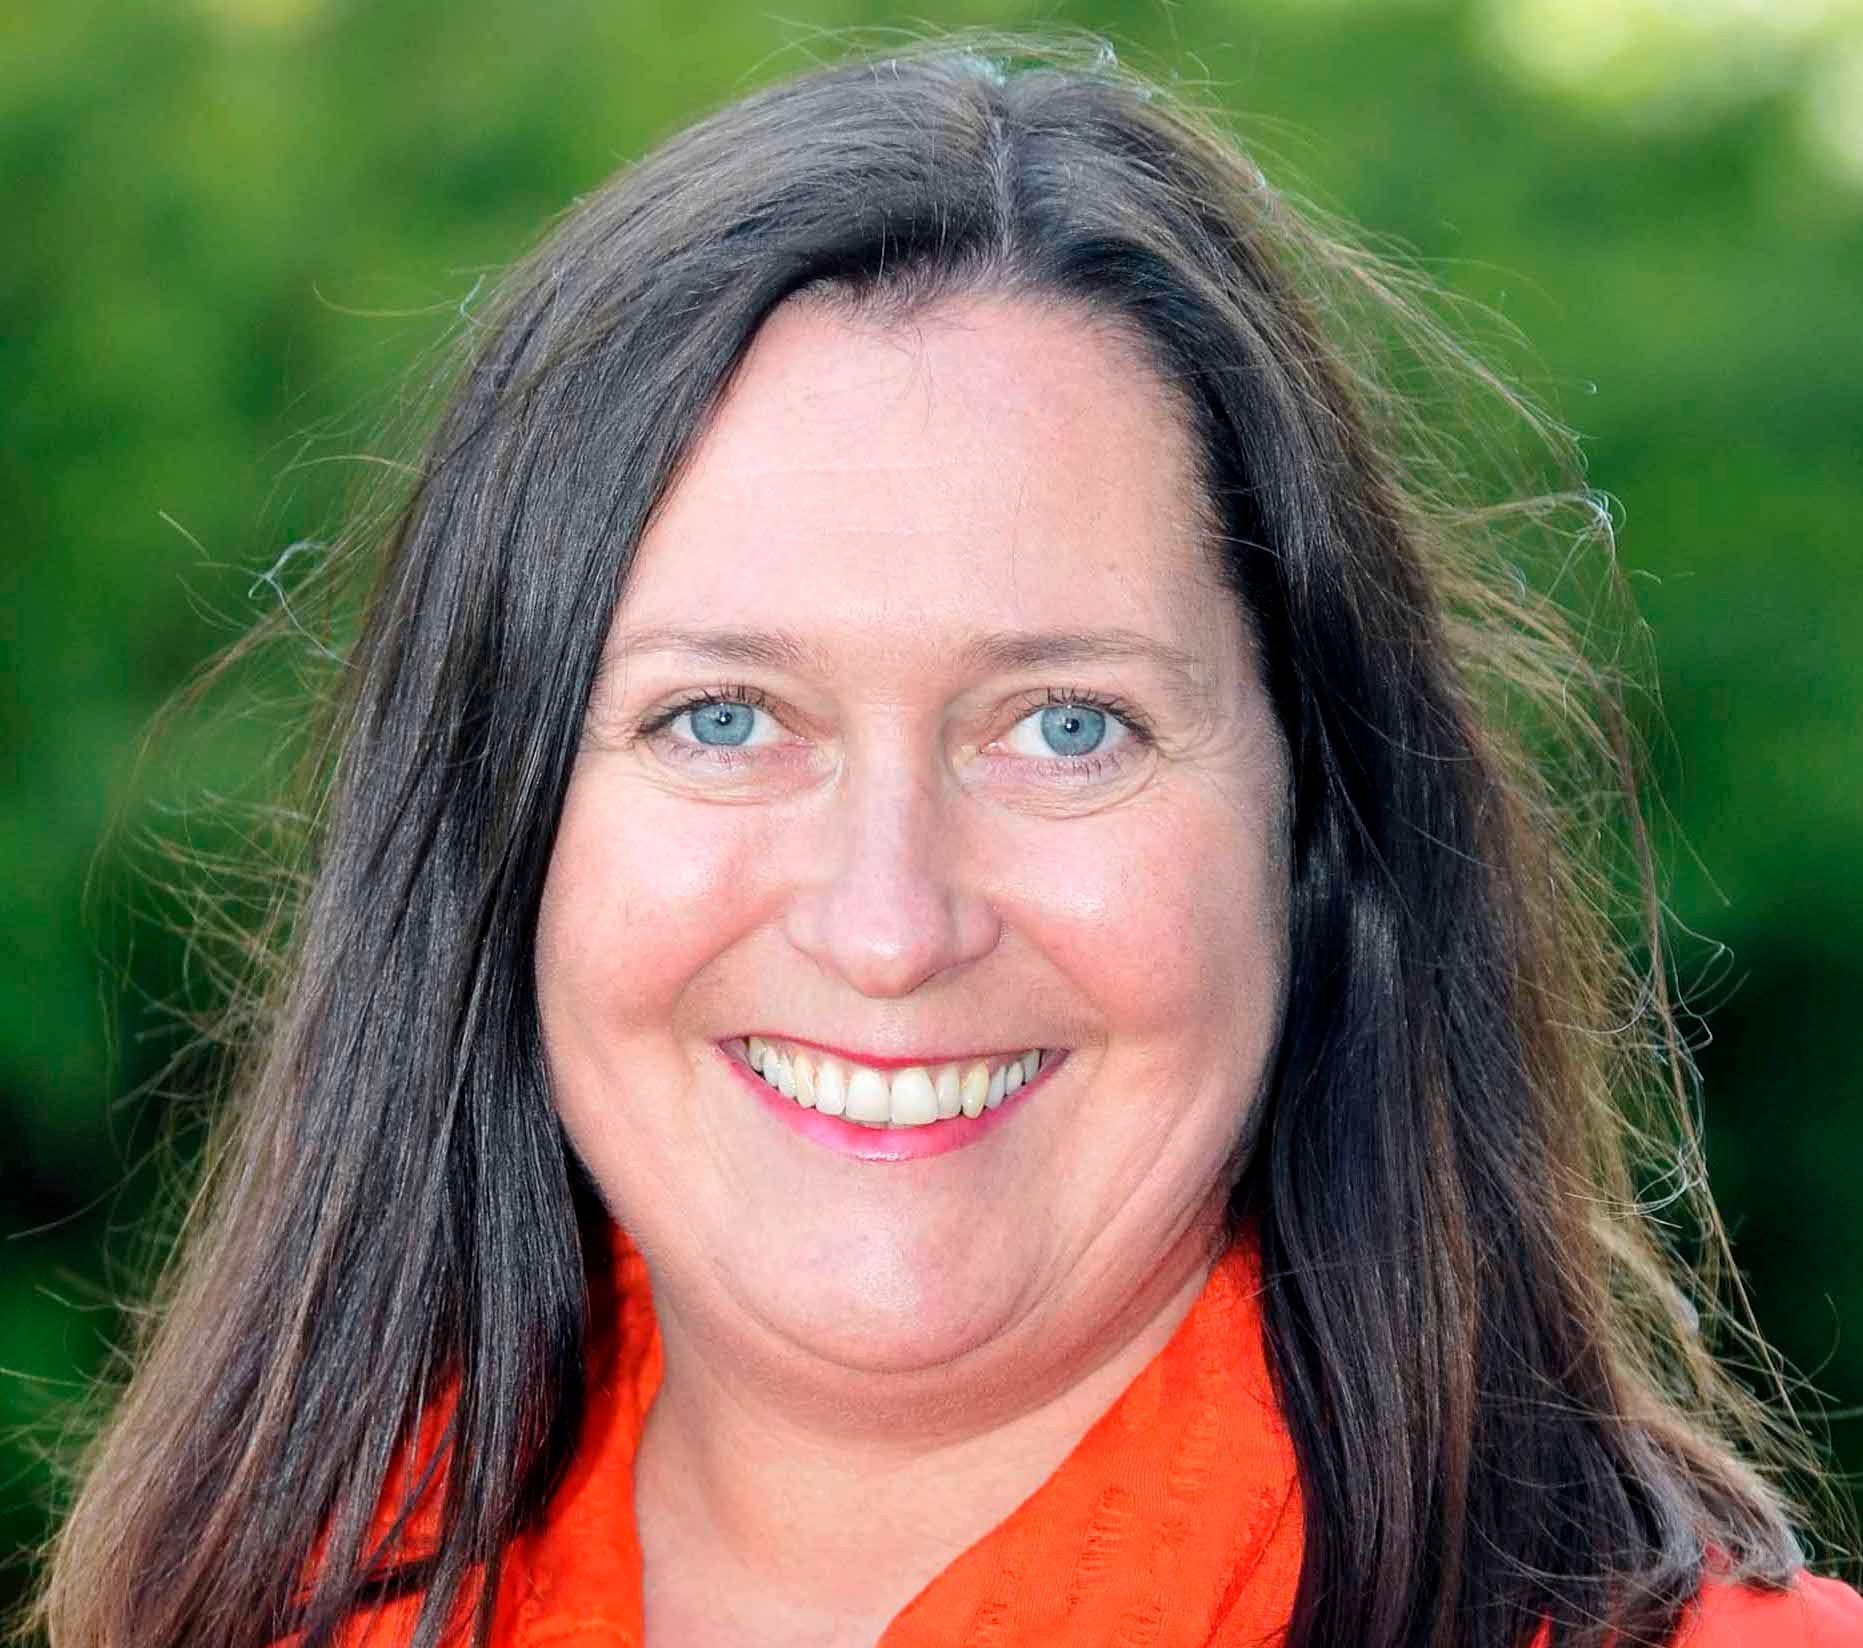 Marie Storhaug